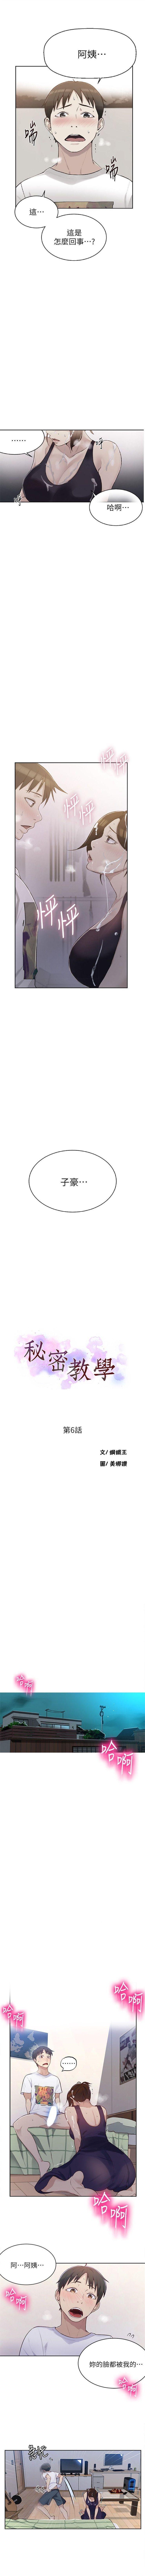 (週6)秘密教學  1-35 中文翻譯 (更新中) 28